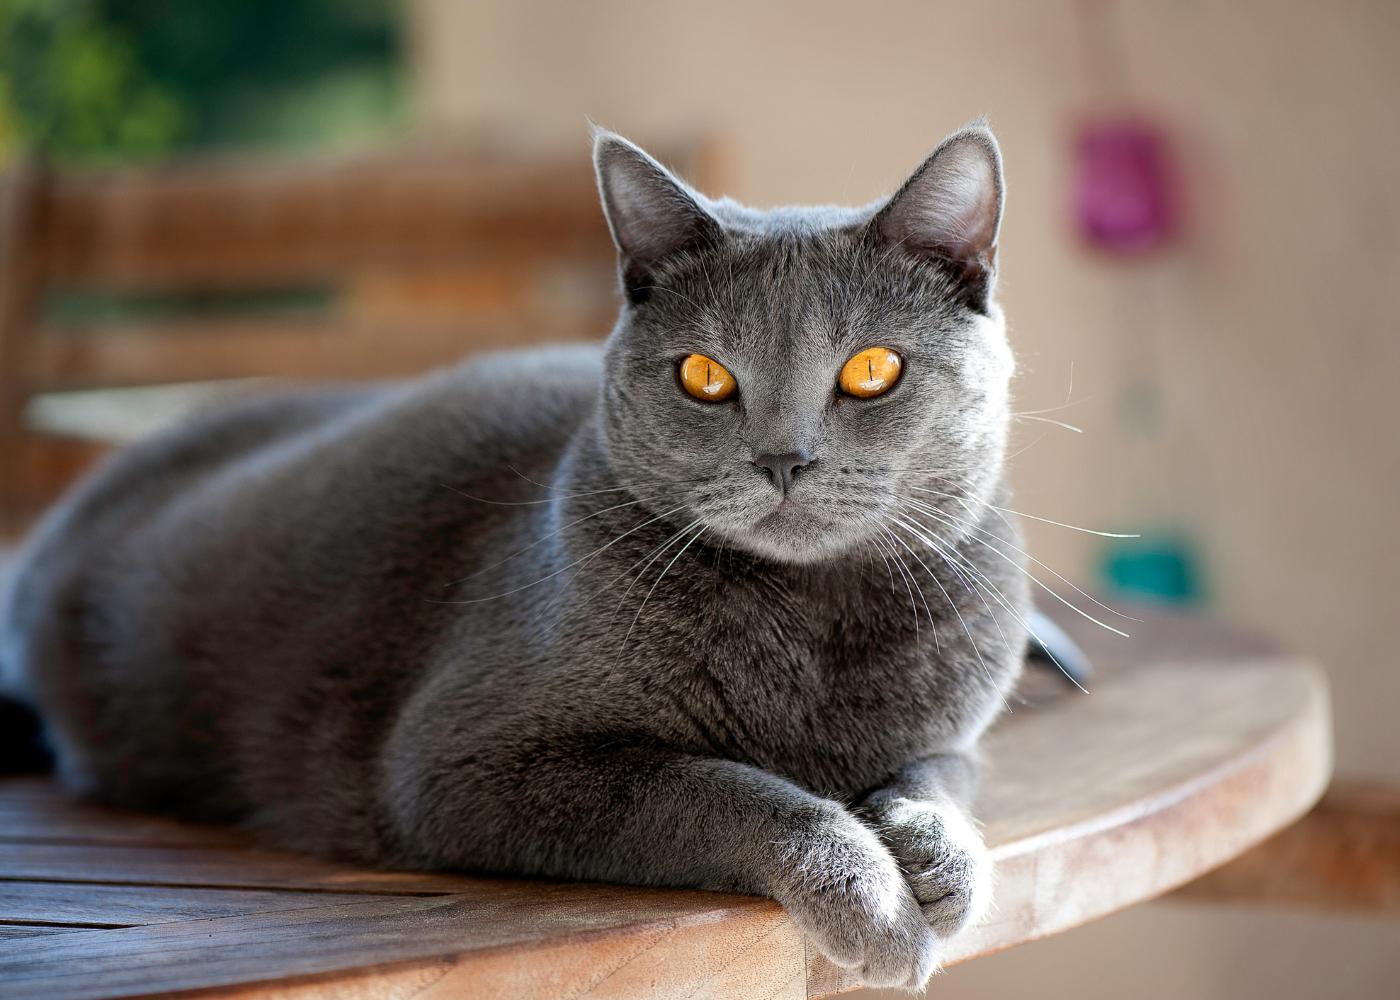 gato chartreux deitado na mesa